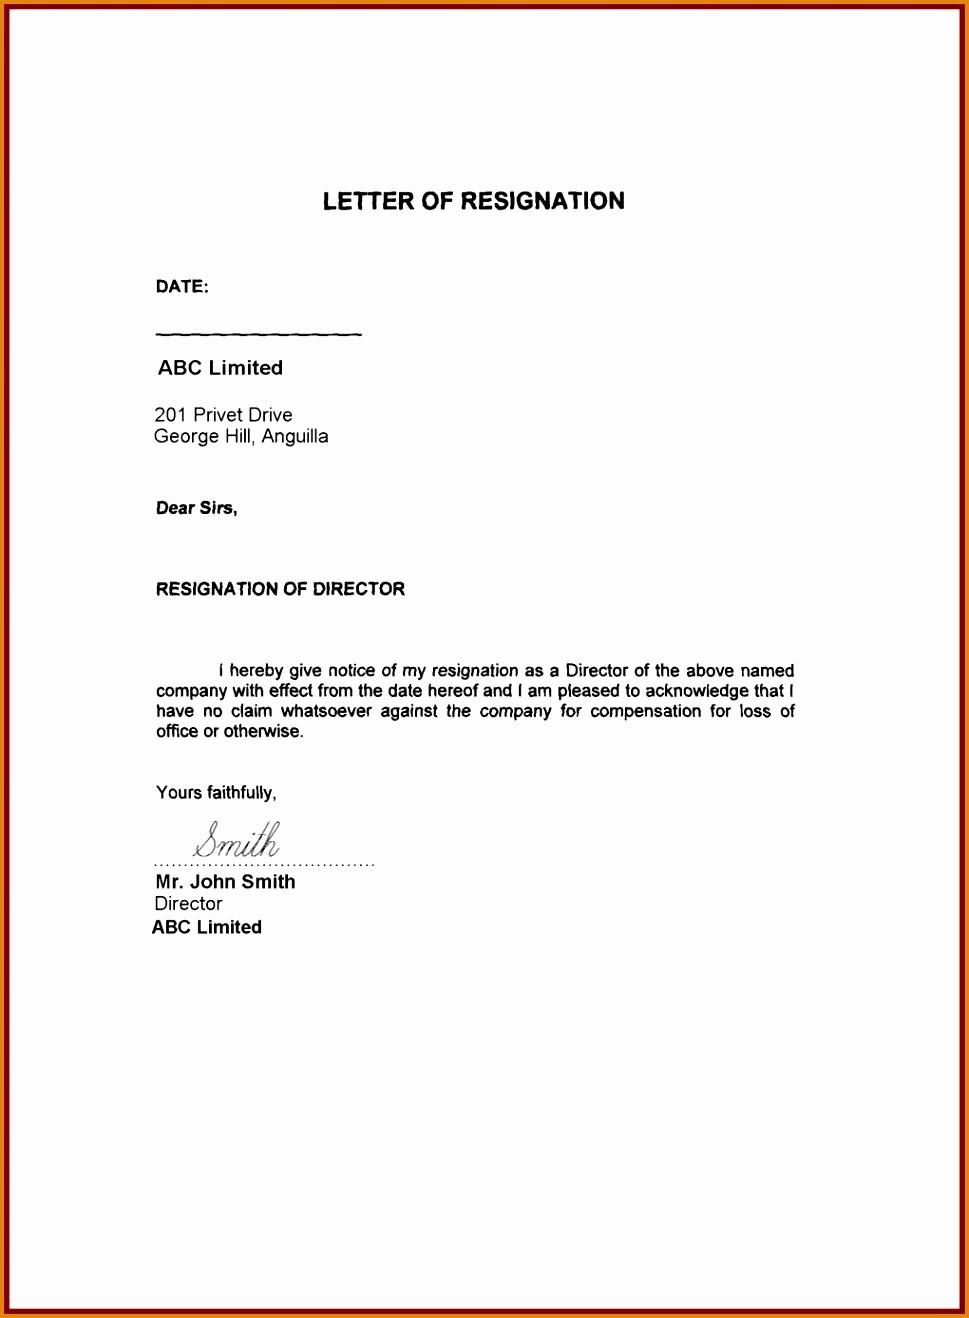 Resignation Letter Template Word Doc Inspirational 19 Sample Resignation Letter